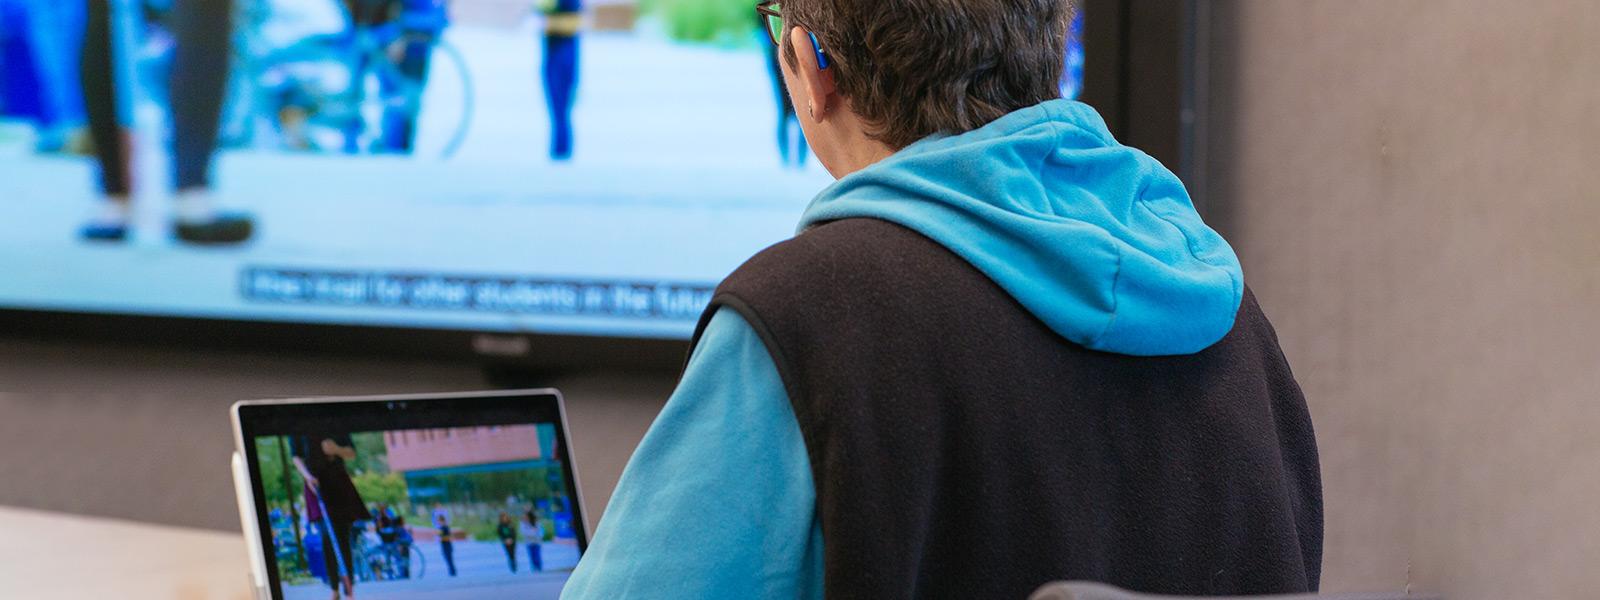 En kvinna med hörapparat tittar på en videopresentation med undertexter